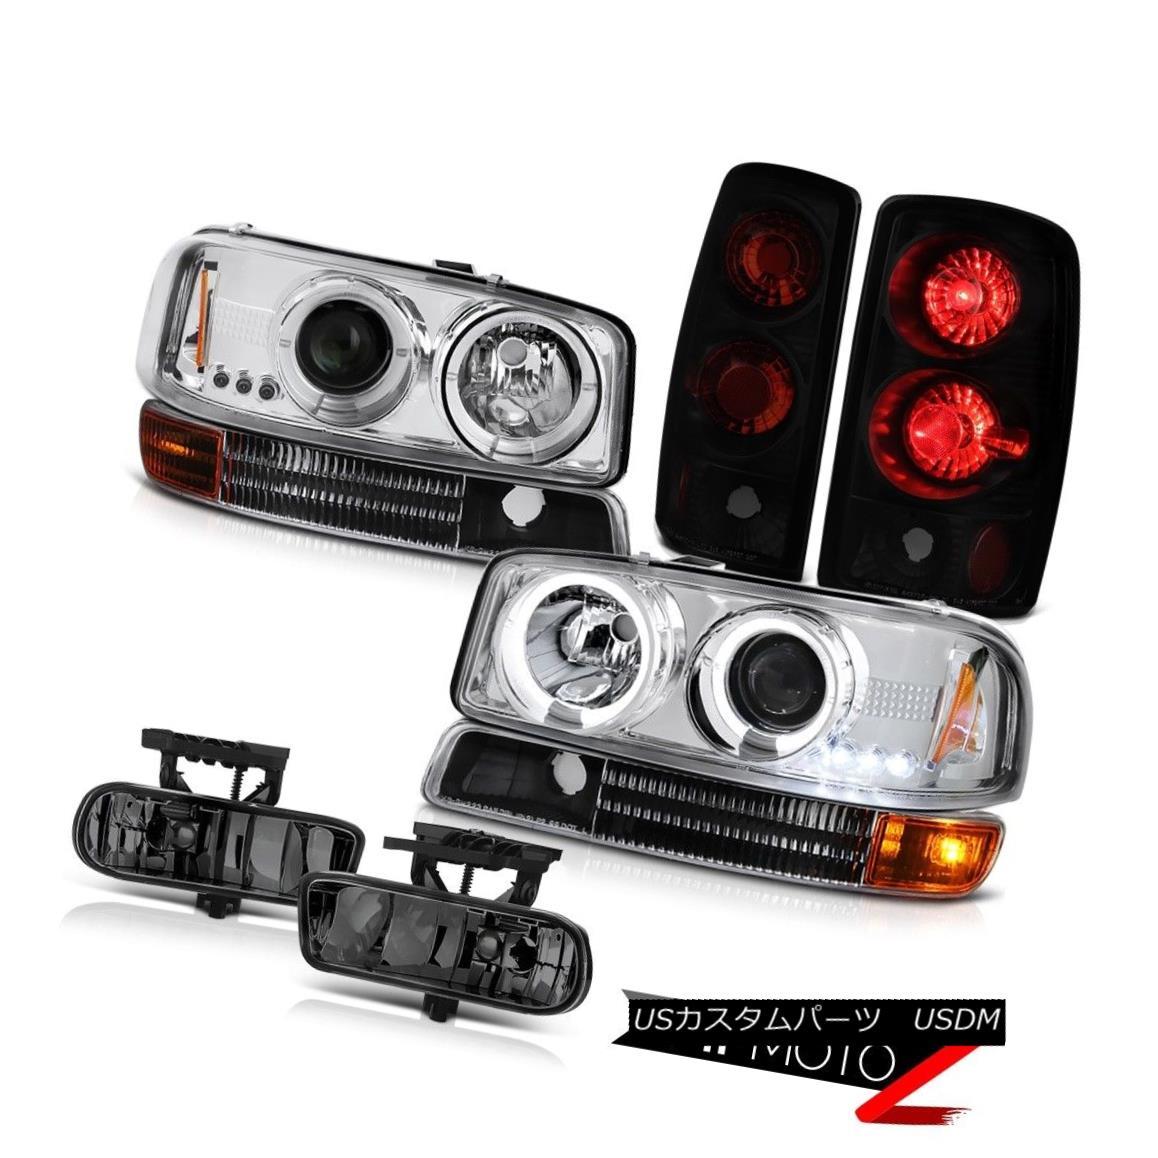 ヘッドライト Chrome Halo LED Headlights Signal Tail Light FogLight 00 01 02 03 04 05 06 Yukon クロムハローLEDヘッドライト信号テールライトFogLight 00 01 02 03 04 05 06ユーコン